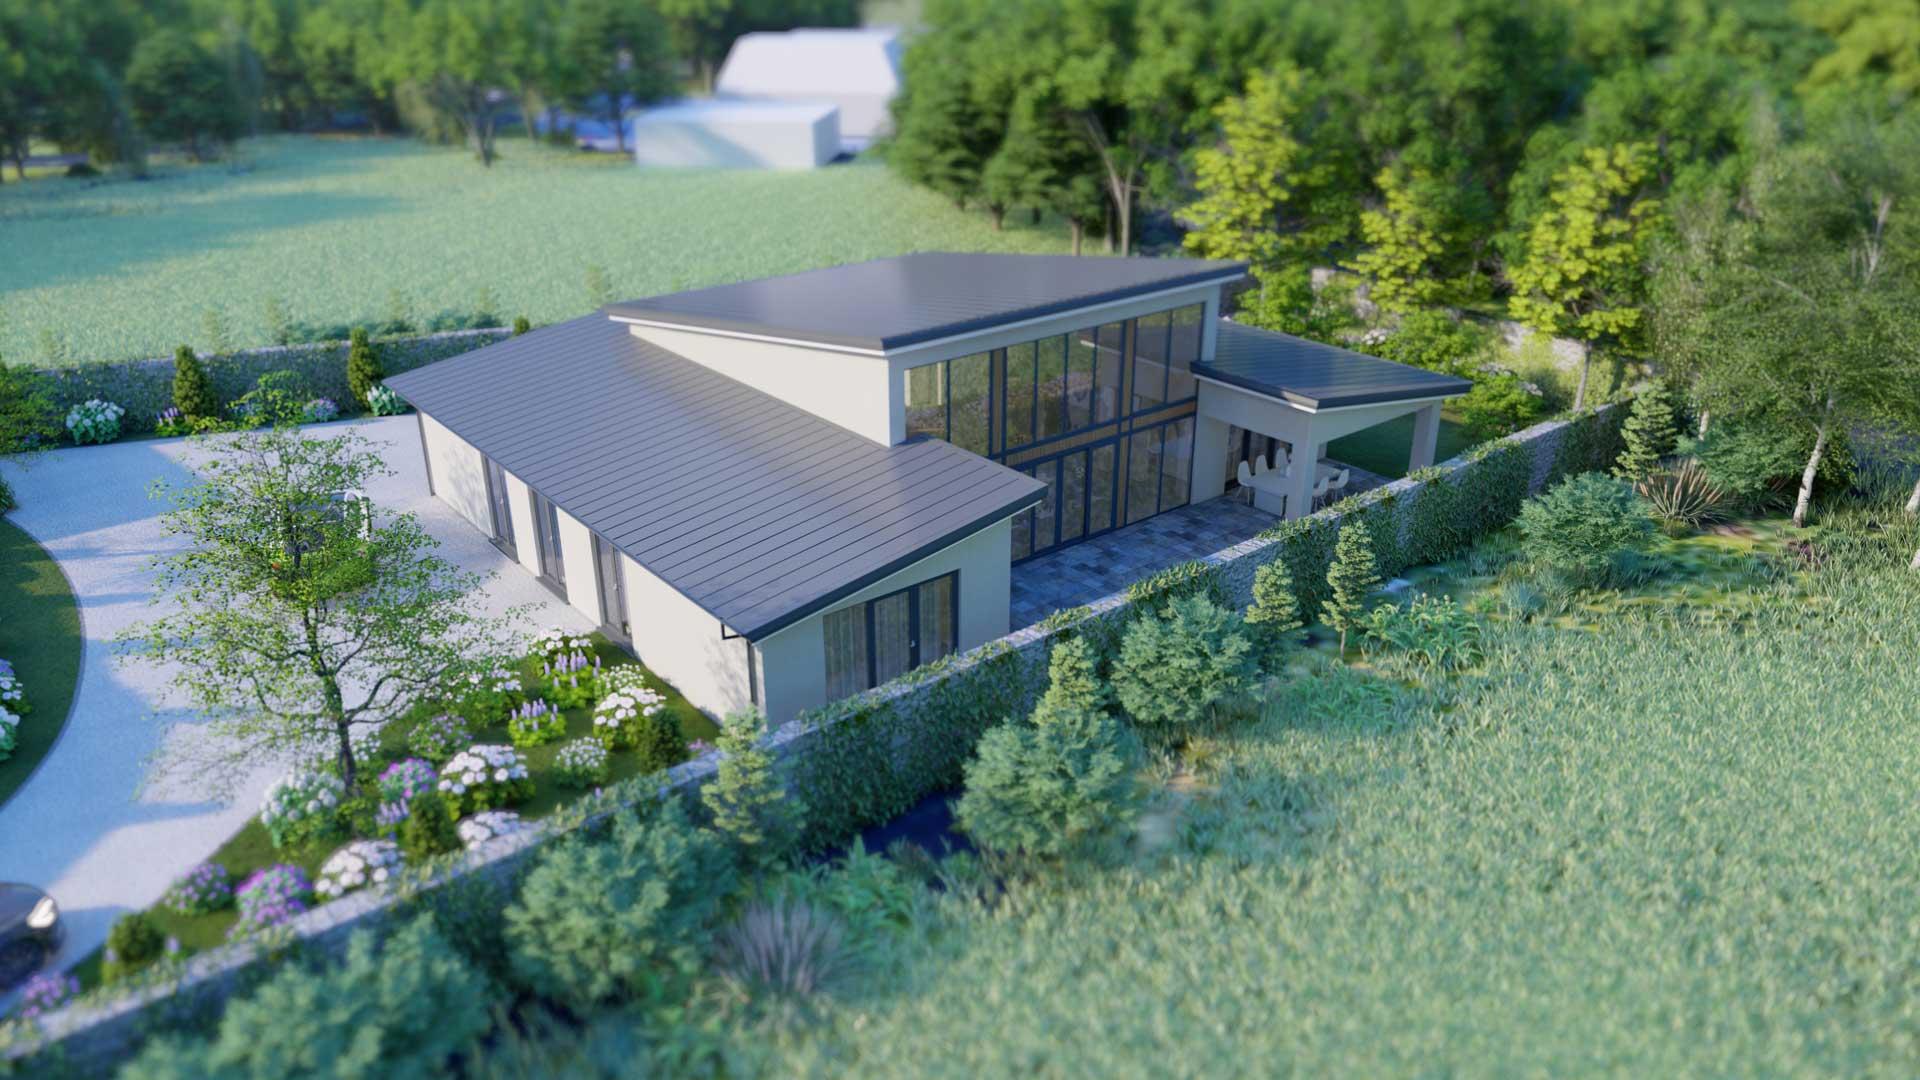 EcoHouse Kilkenny Project jkV1T2_9---Photo